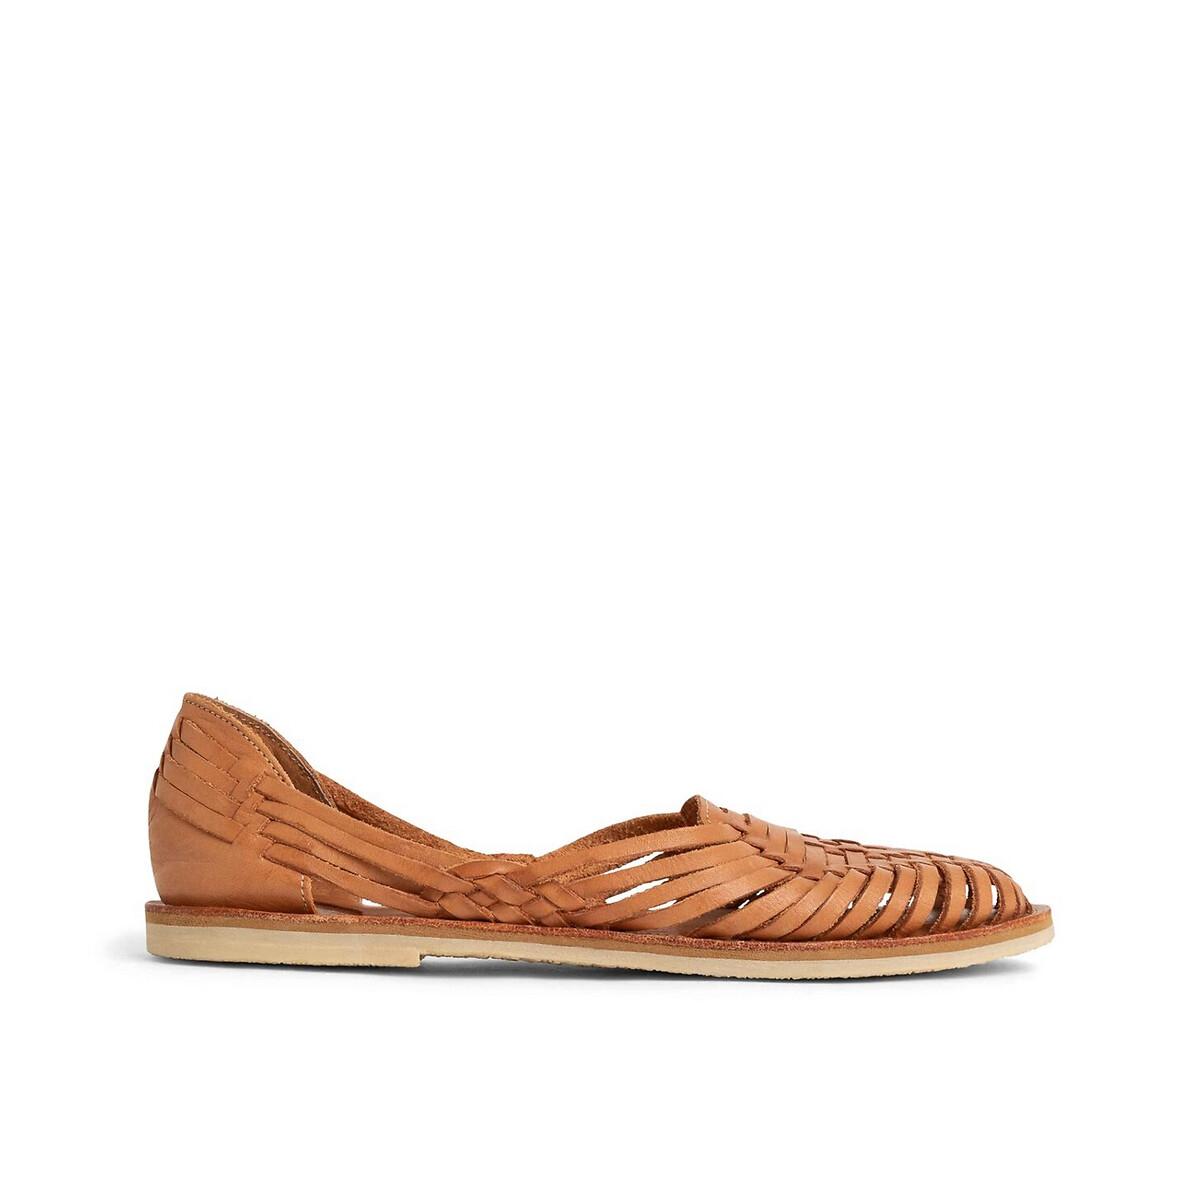 Sandales plates tressées en cuir PACHUCCA